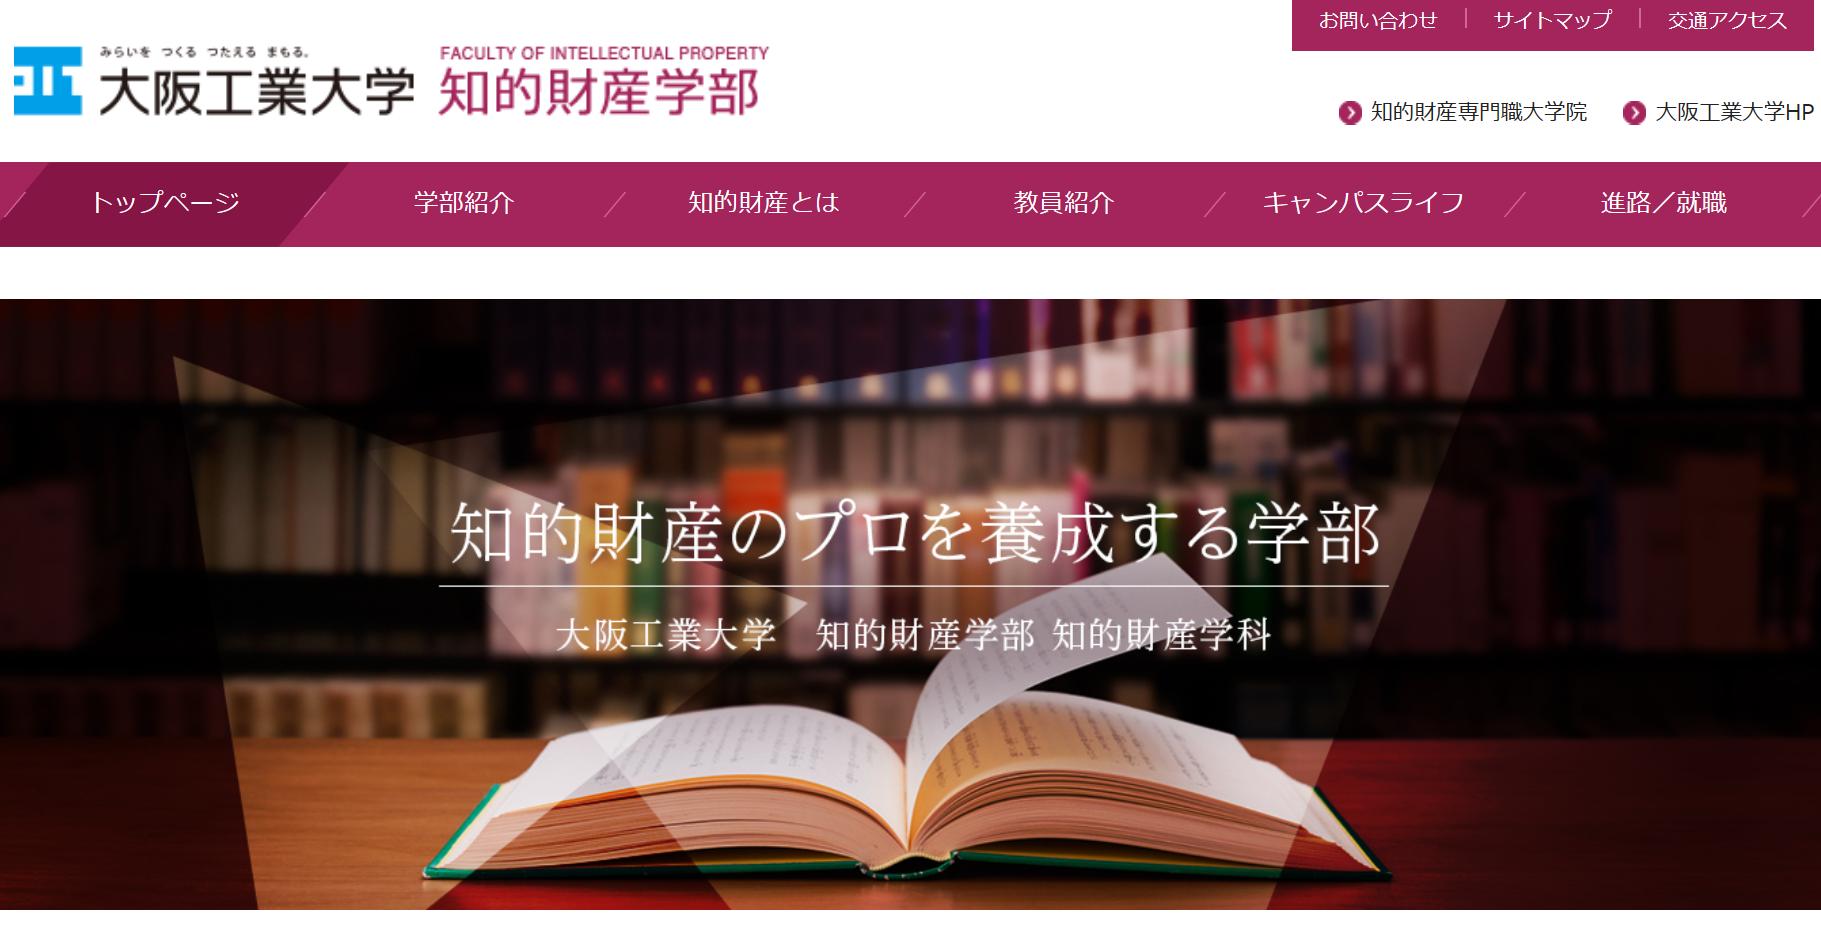 大阪工業大学の評判・口コミ【知的財産学部編】